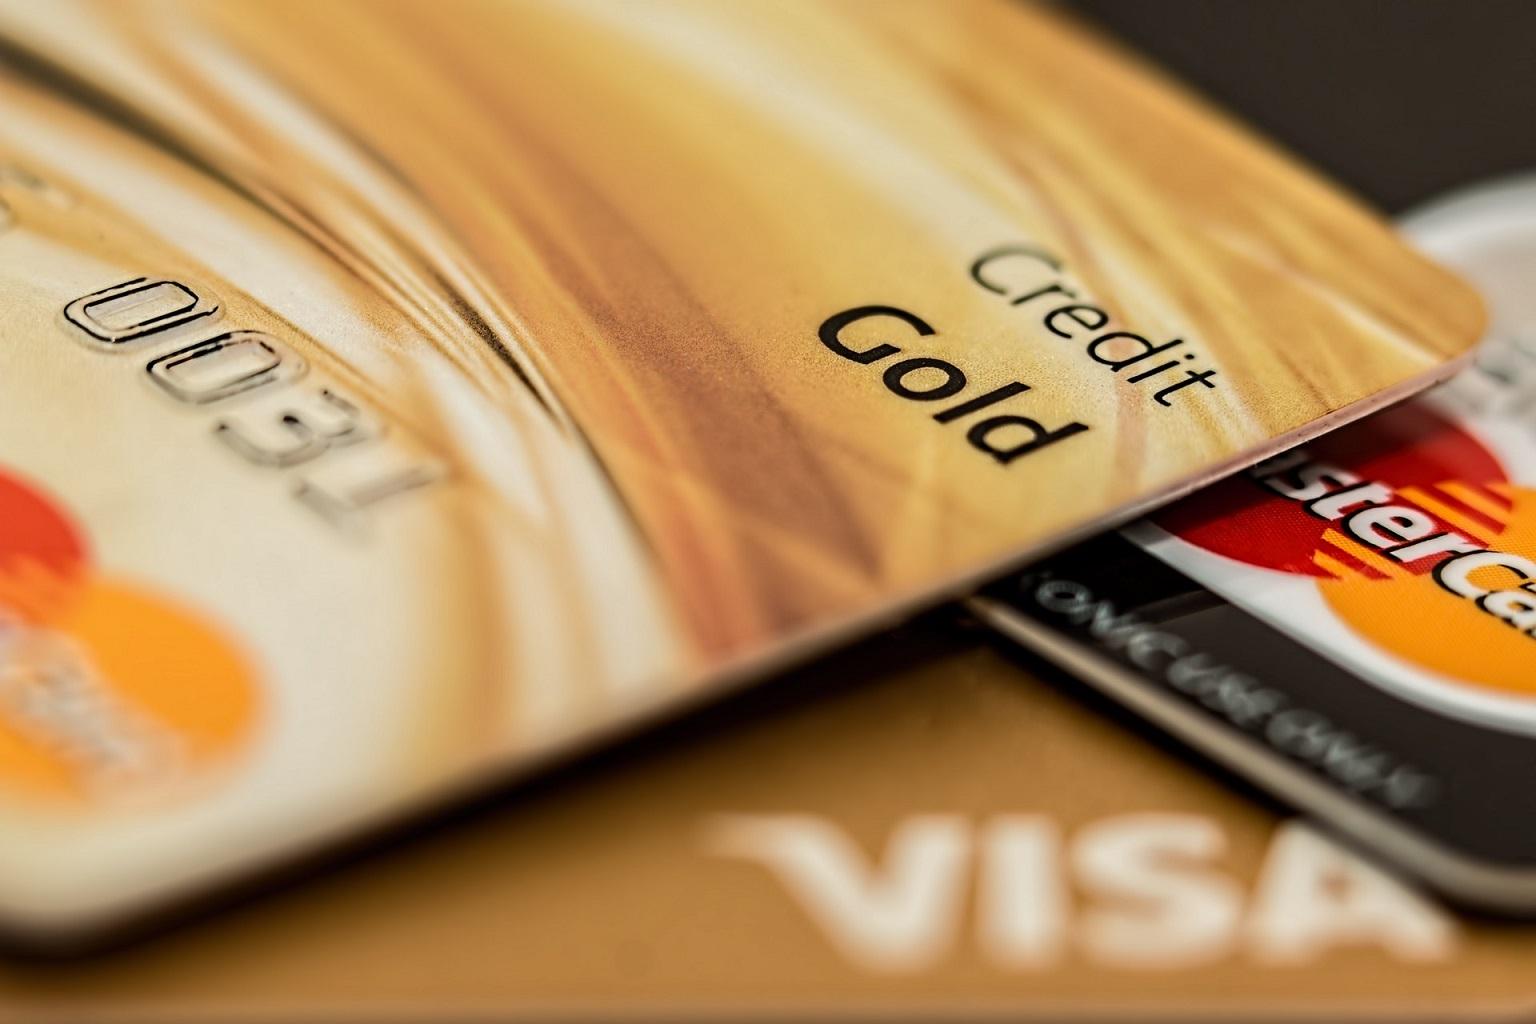 tarjetas credito debito oro